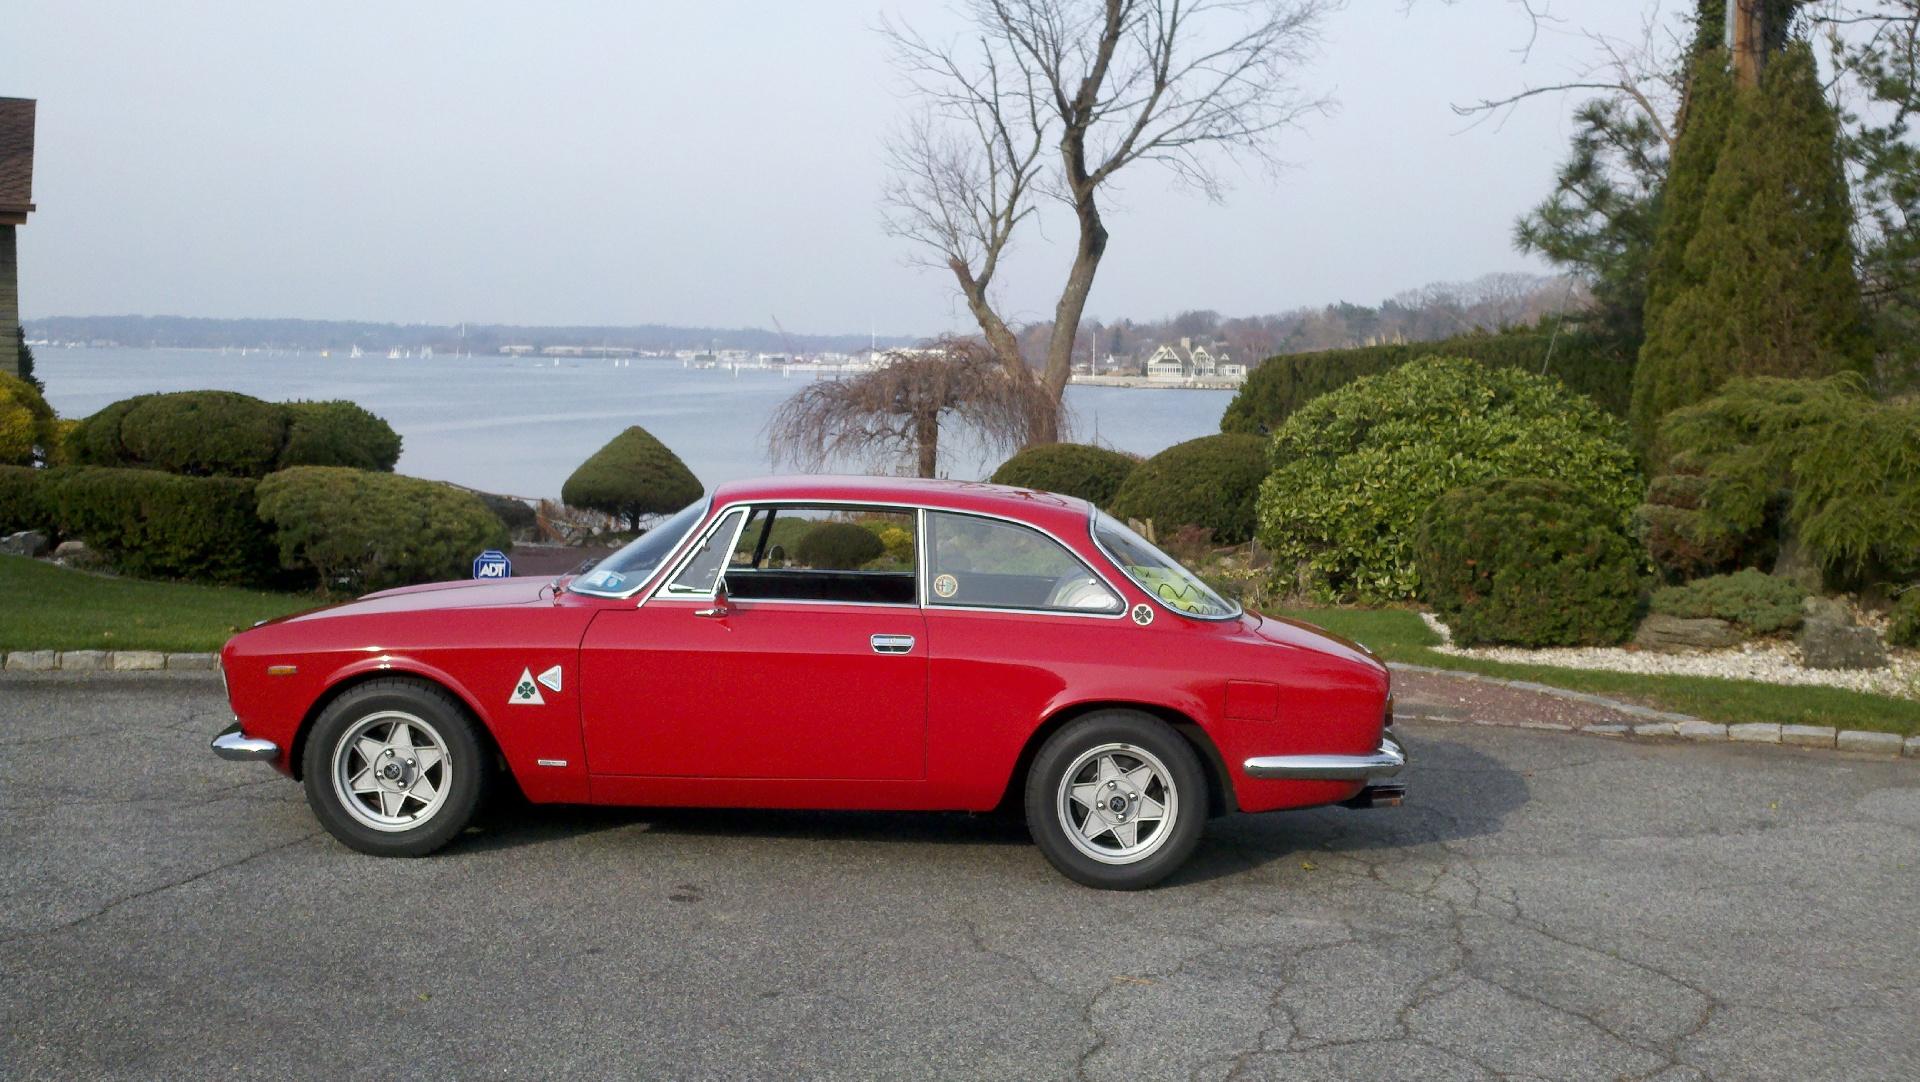 1964 alfa romeo giulia sprint gt stock 64alfagiulia for sale near new york ny ny alfa romeo - Nearest alfa romeo garage ...